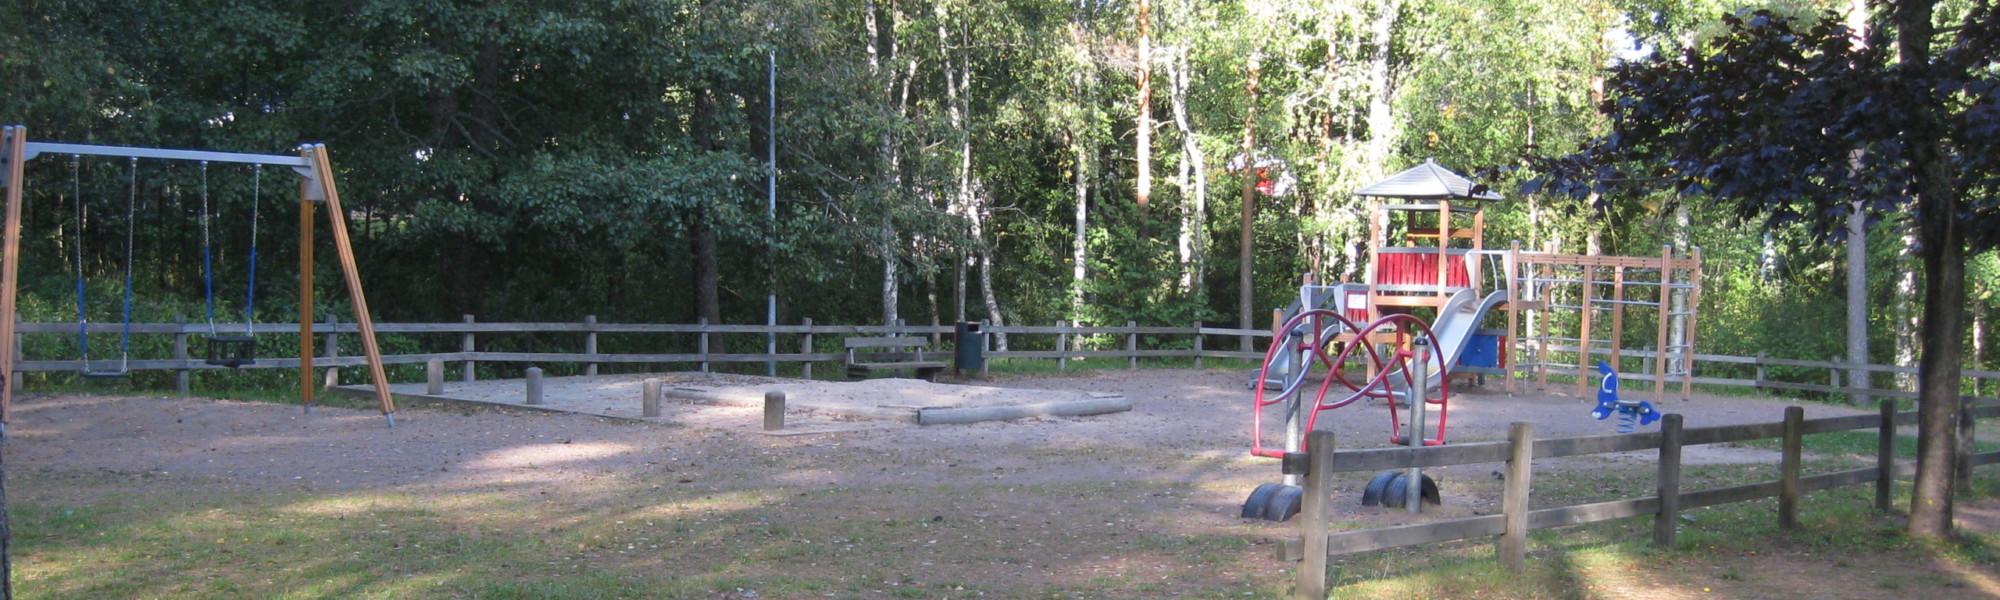 Kuvassa on Suurpalonpuiston leikkipaikka